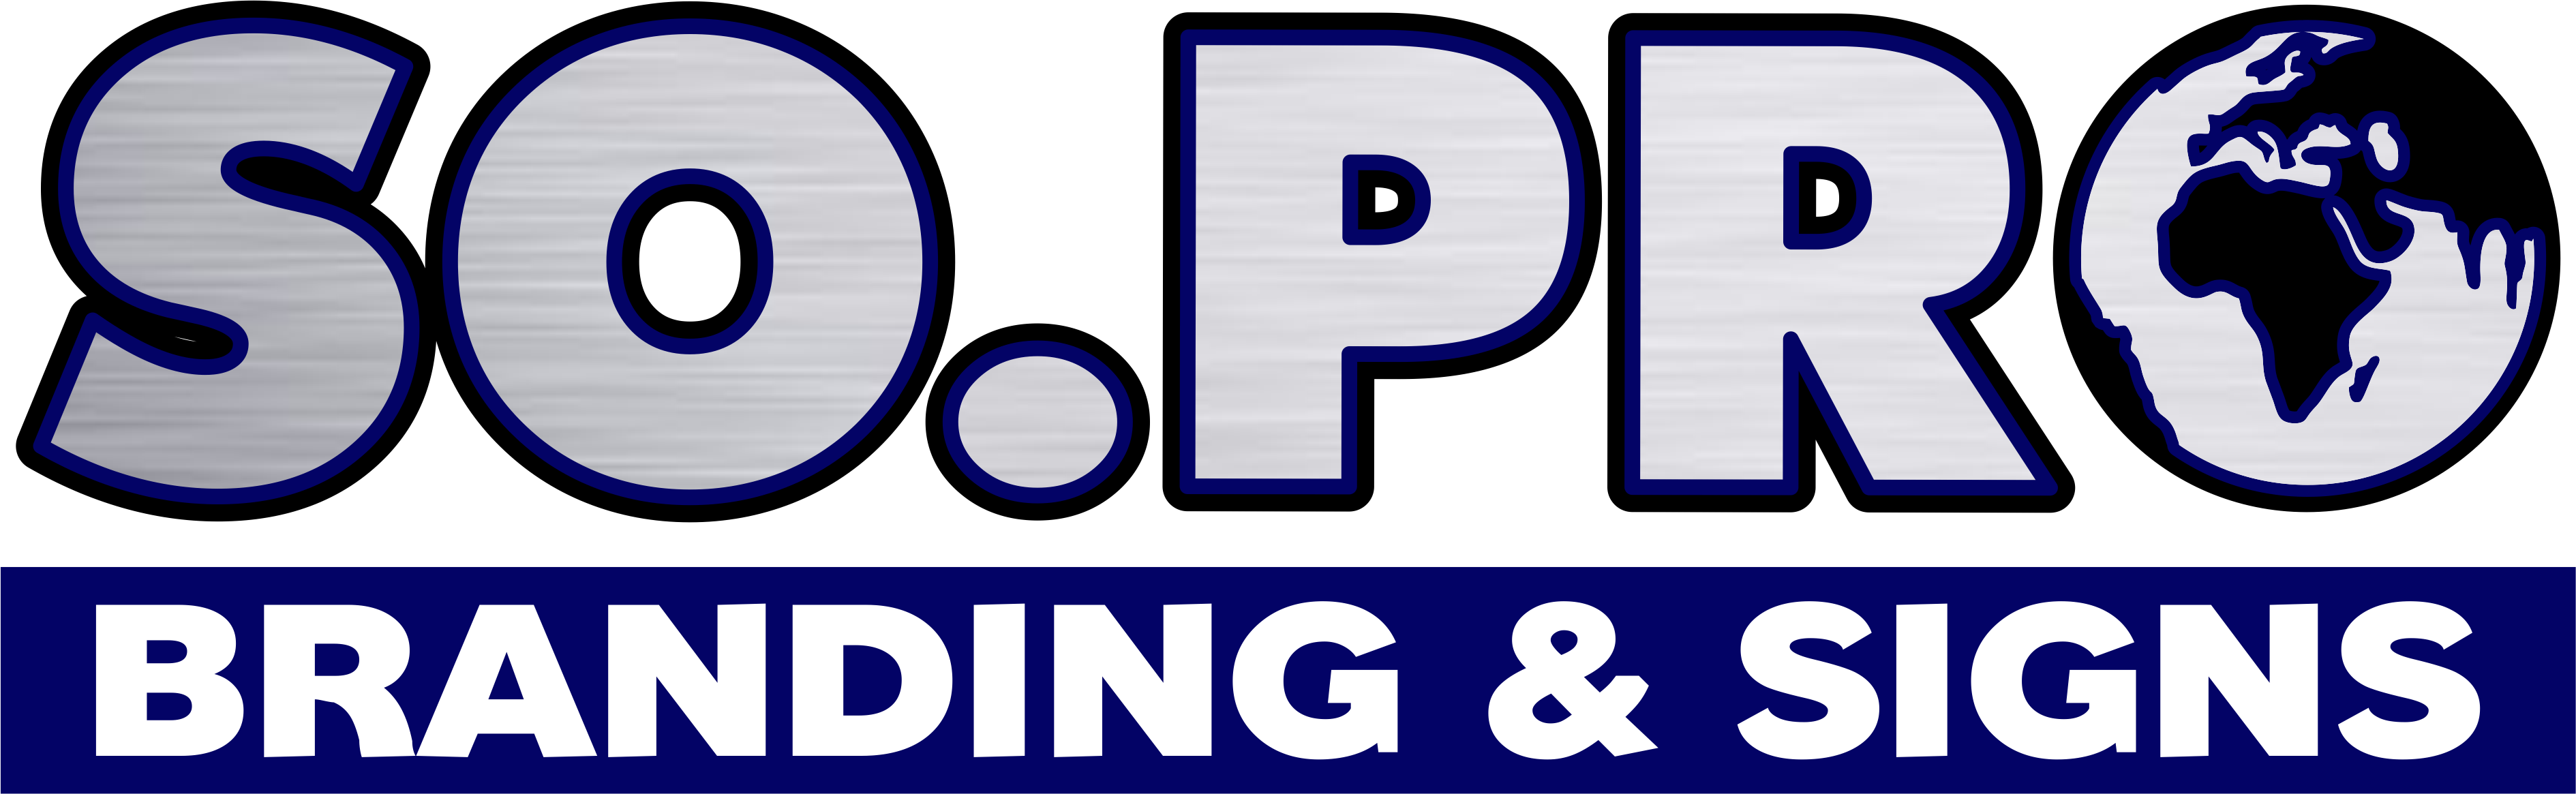 SoPro Branding & Signs